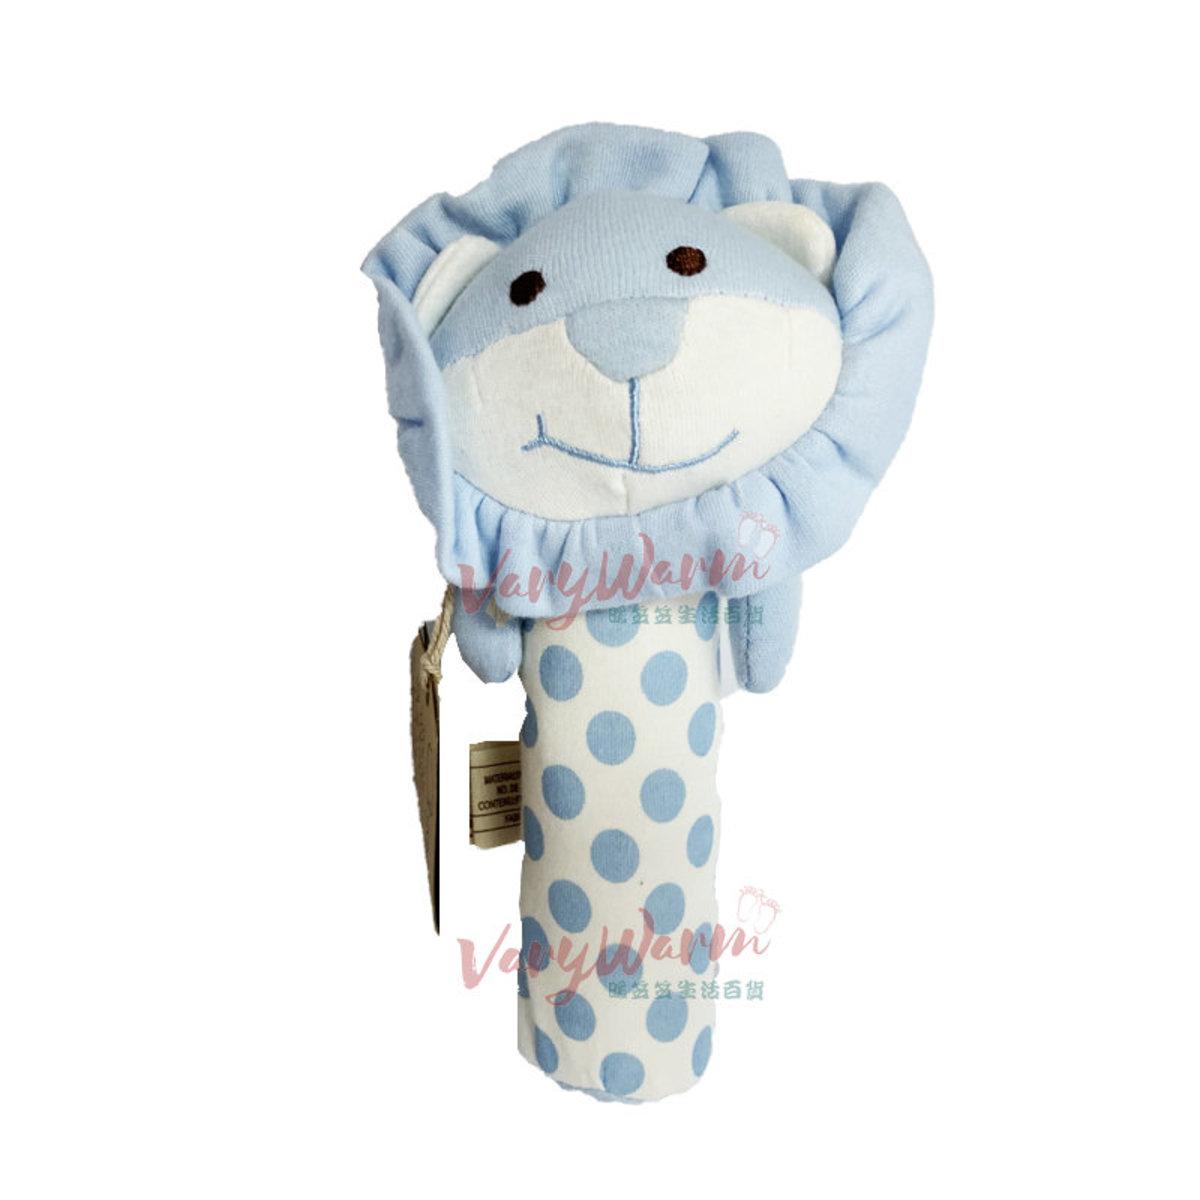 有機棉吱吱叫安撫棒棒玩具 - 藍色獅子